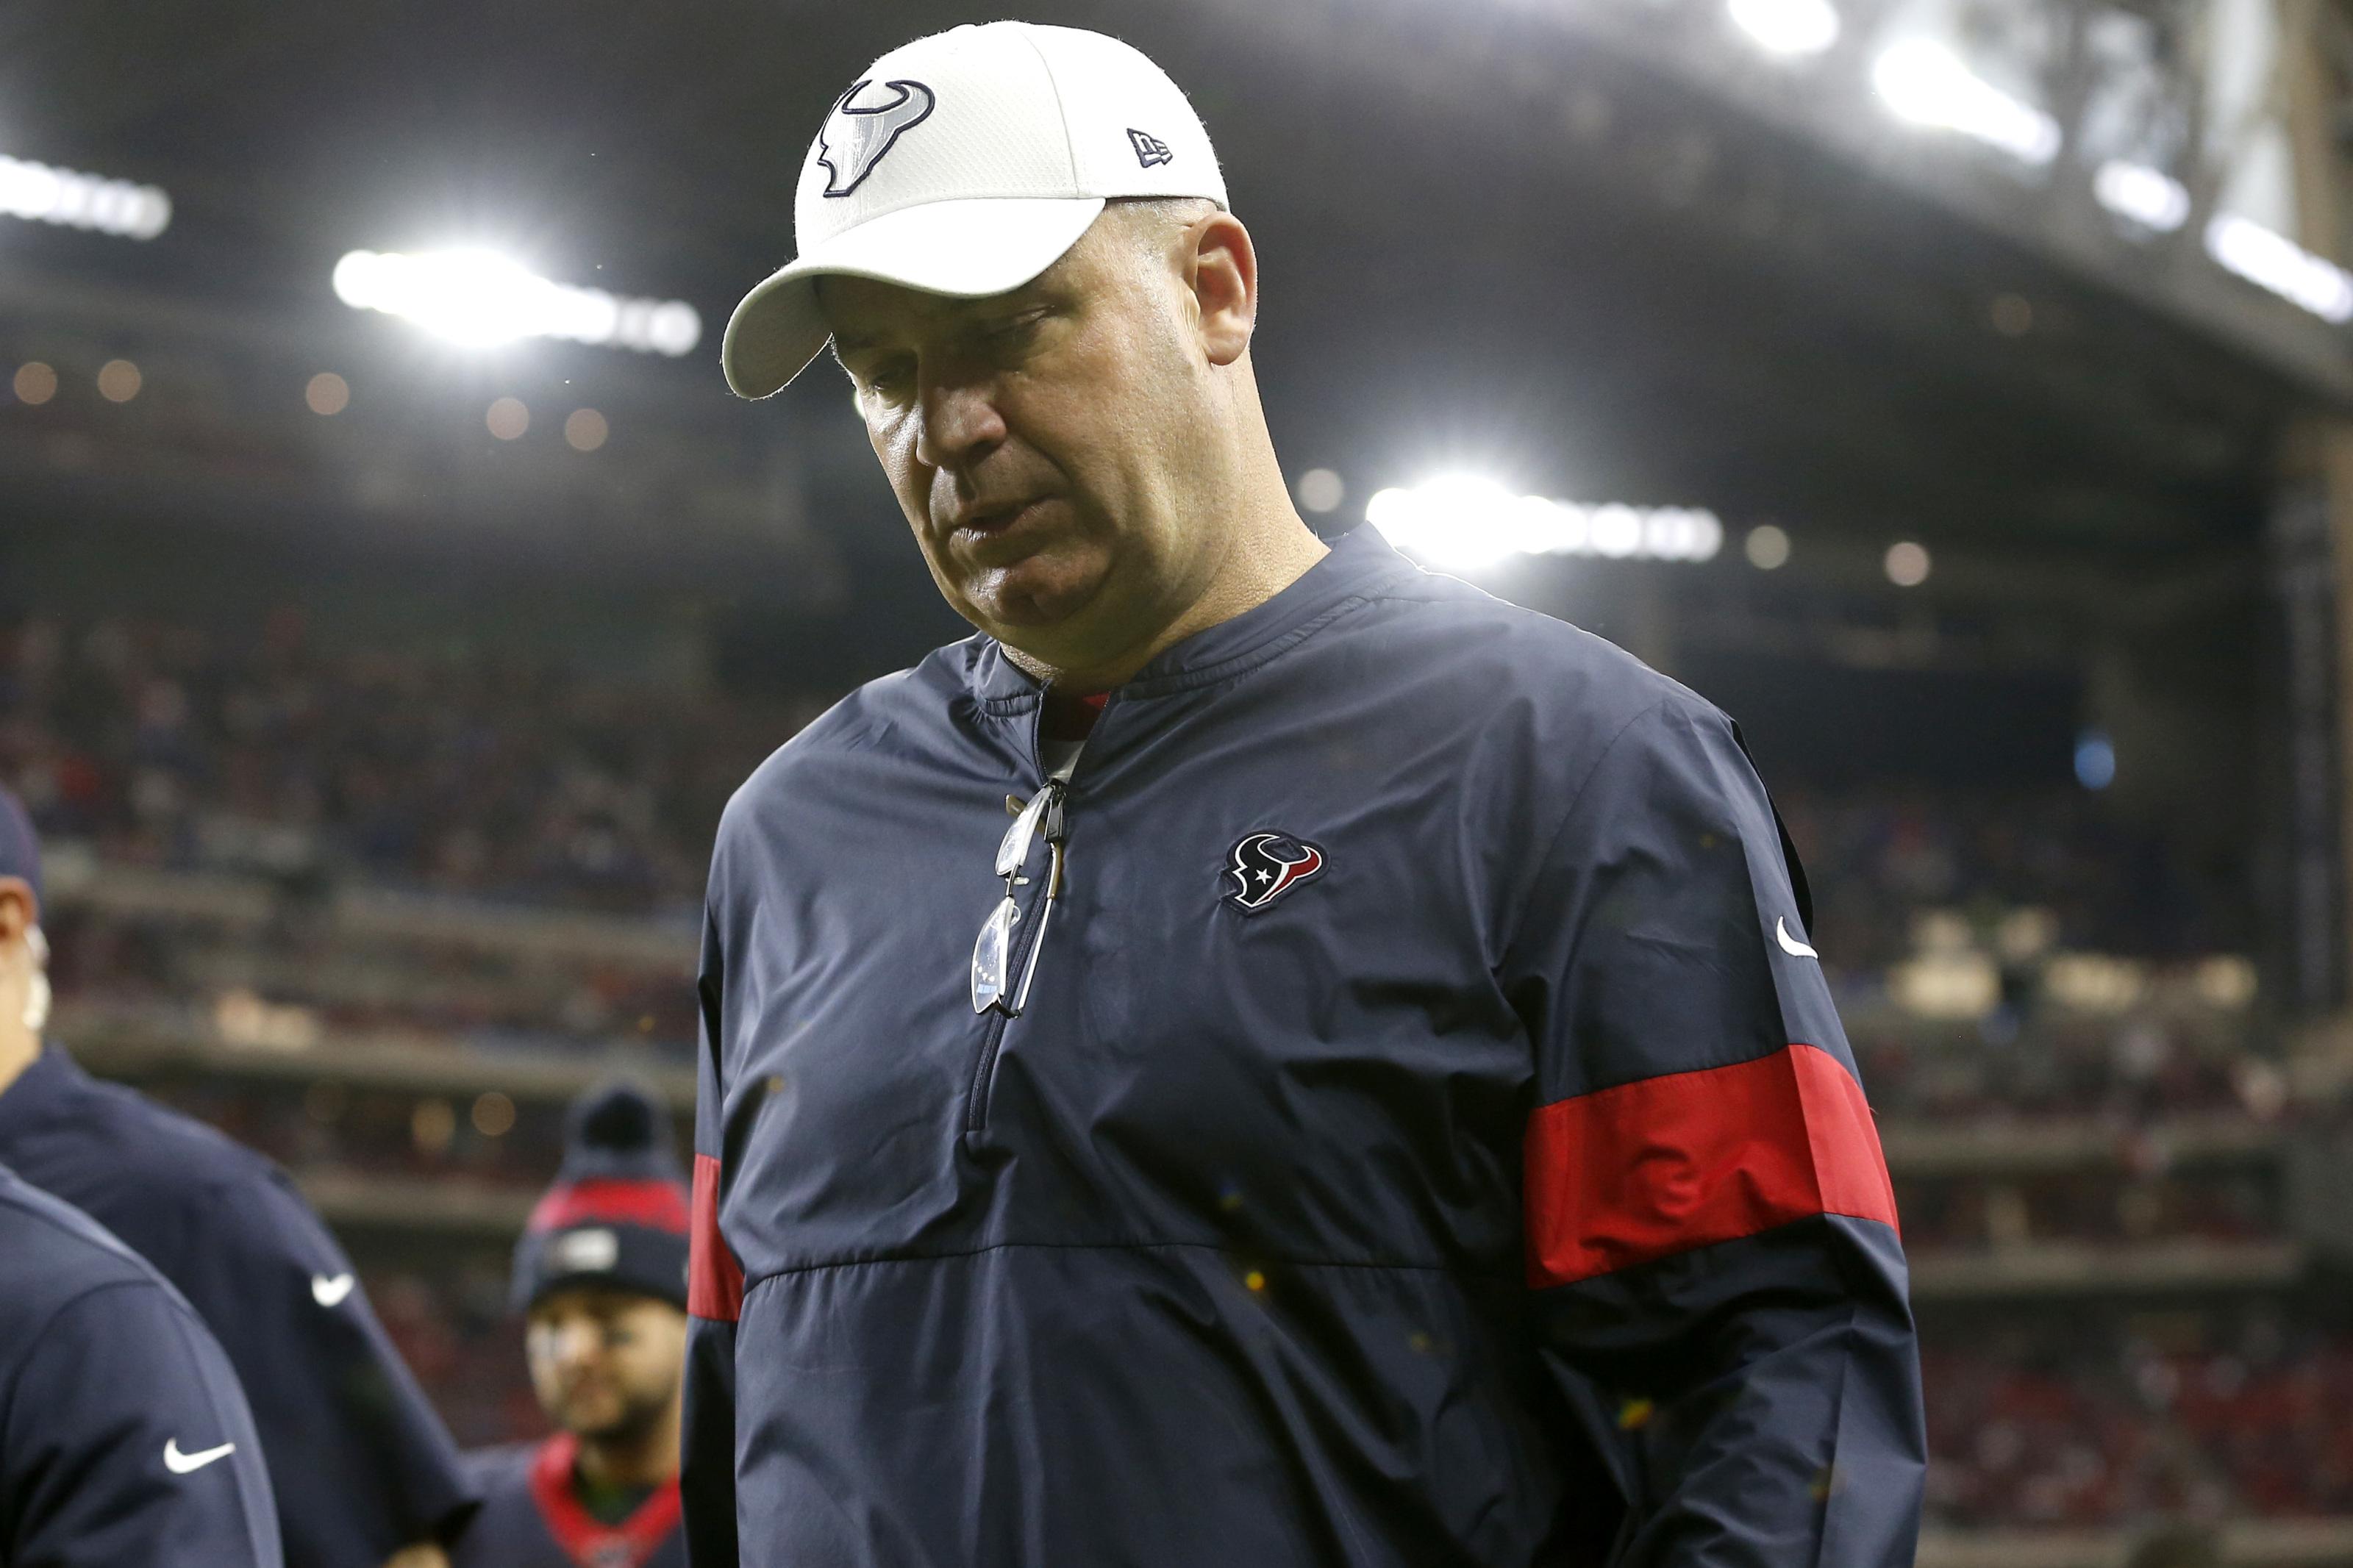 Bill O'Brien foi desastroso como GM e péssimo como head coach. Todas decisões tomada lhe custaram o cargo e deixou o Texans em posição delicada. Foto: Tim Warner